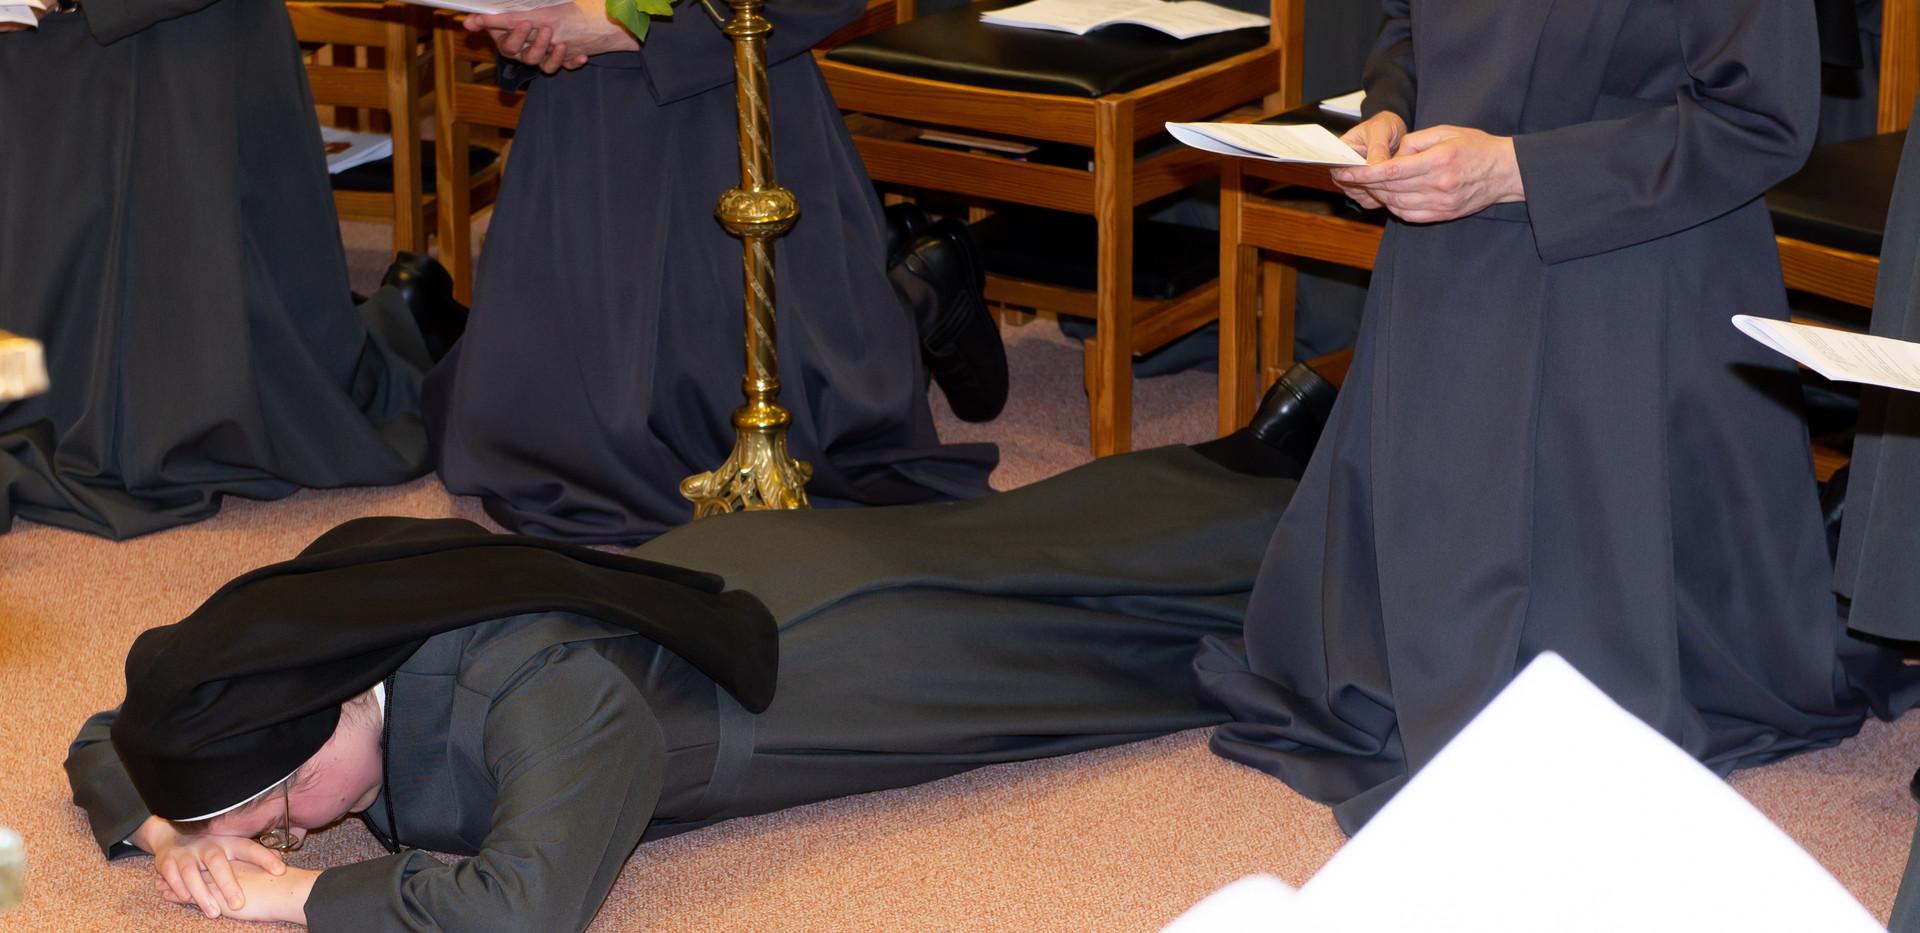 Als Ausgruck ihrer Ganzhingabe liegt die Schwester auf dem Boden, während die Fürsprache der Heiligen angerufen wird